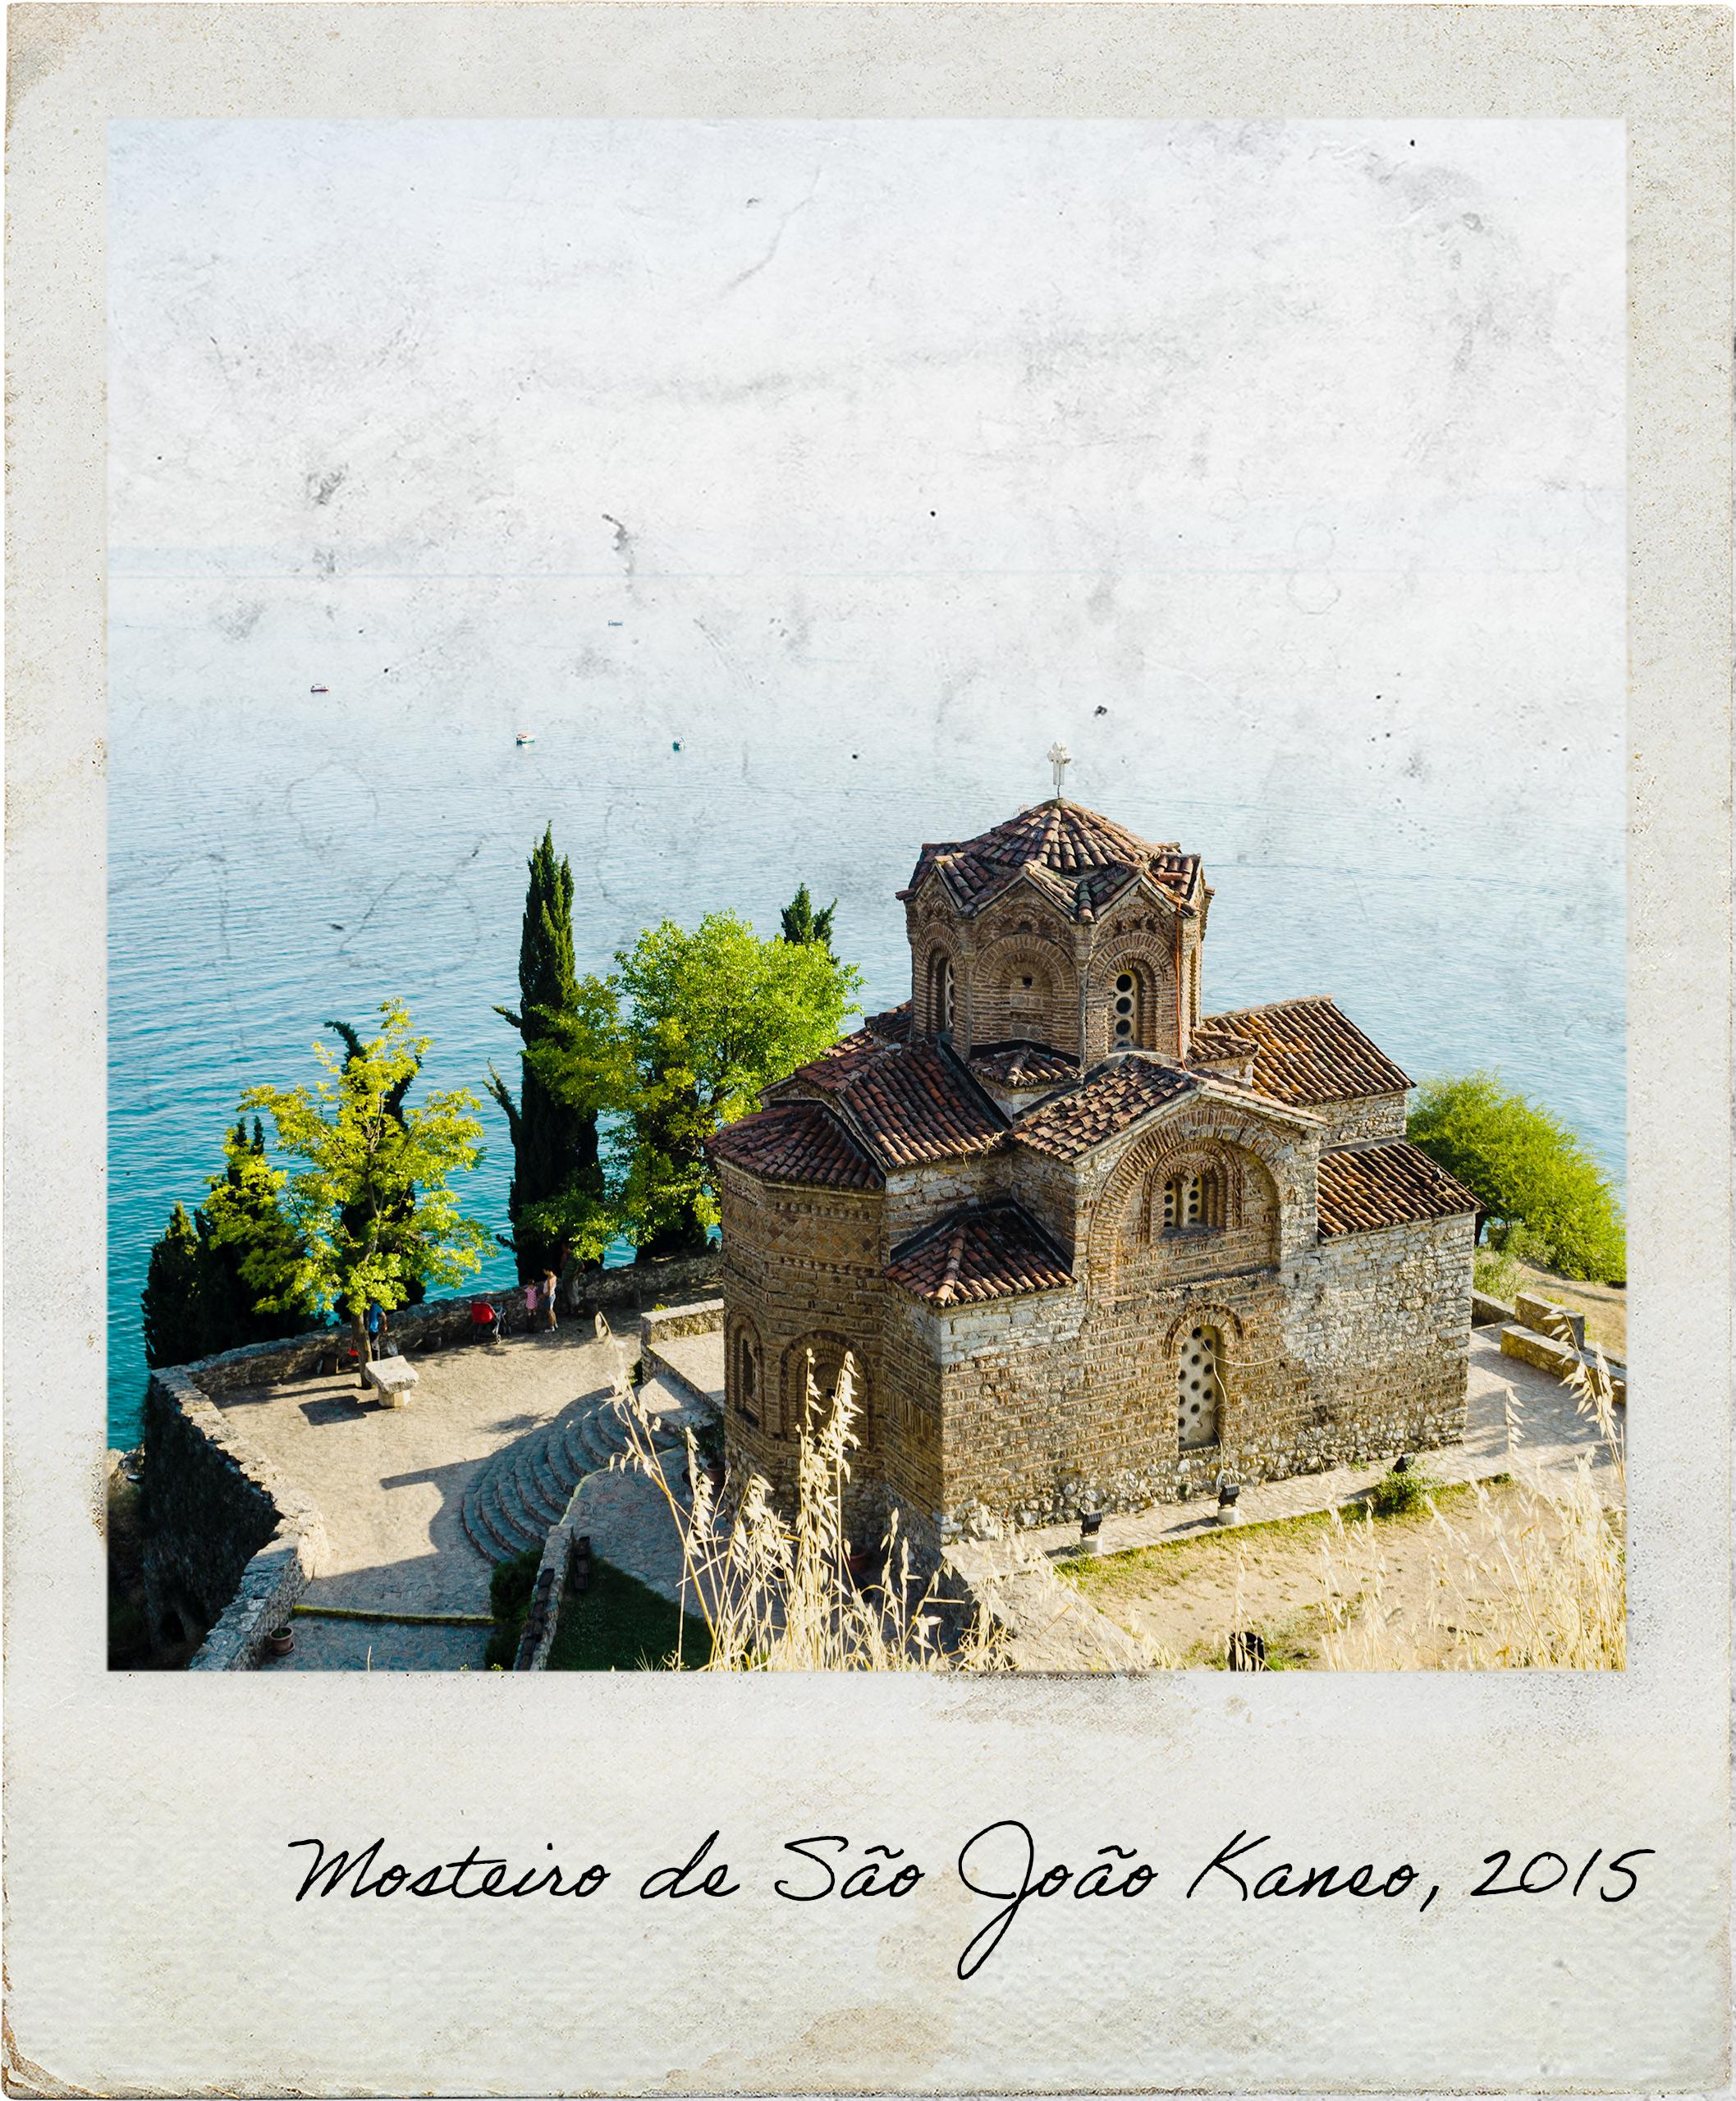 Mosteiro de São João Kaneo